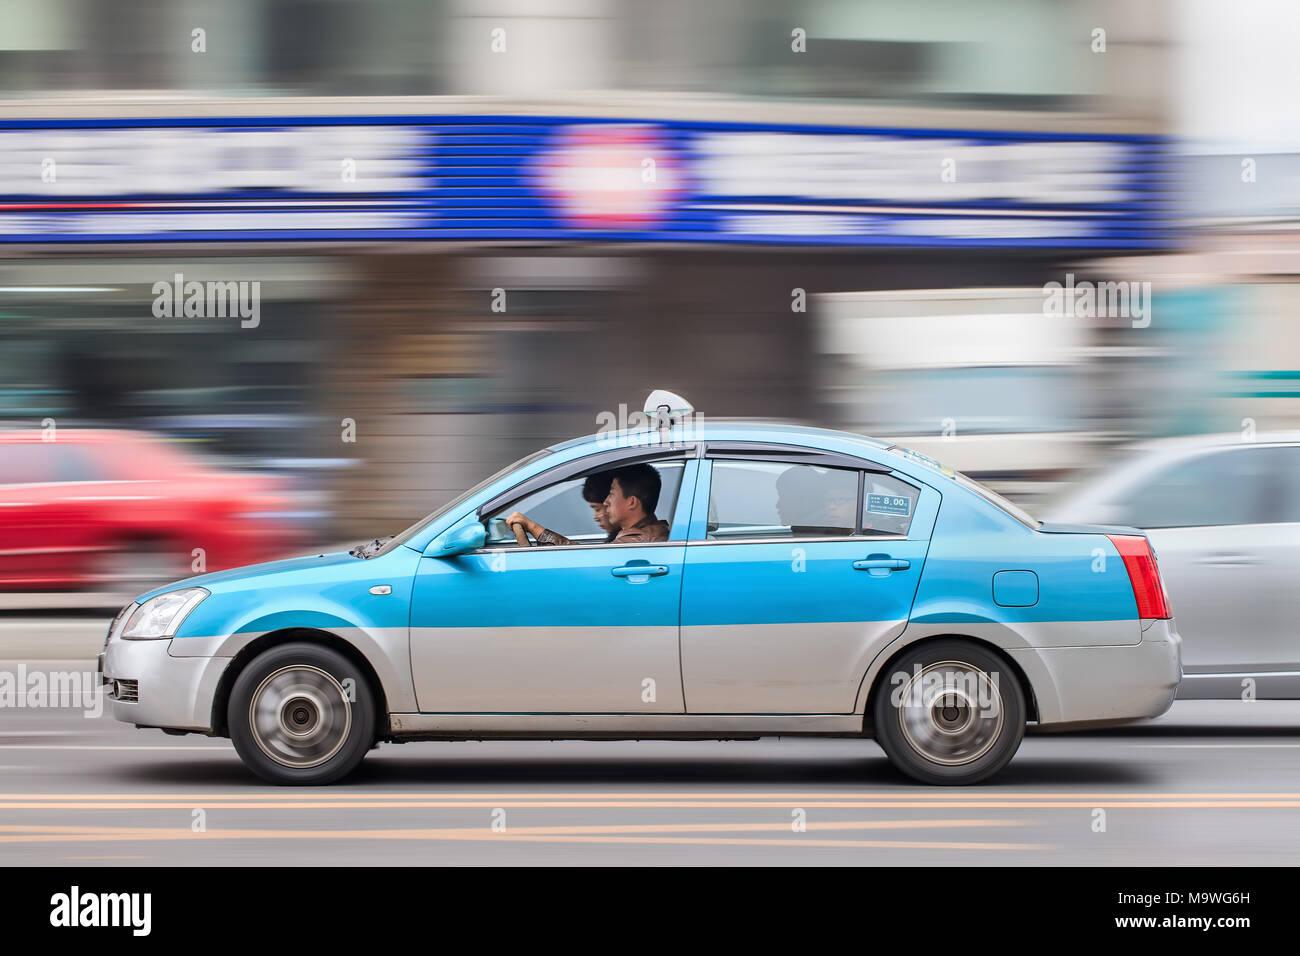 DALIAN-nov. 25, 2012. Accelerando il taxi con i passeggeri. Taxi cinese variano da città a città, per la maggior parte essi sono pulite e dotate di aria condizionata. Immagini Stock